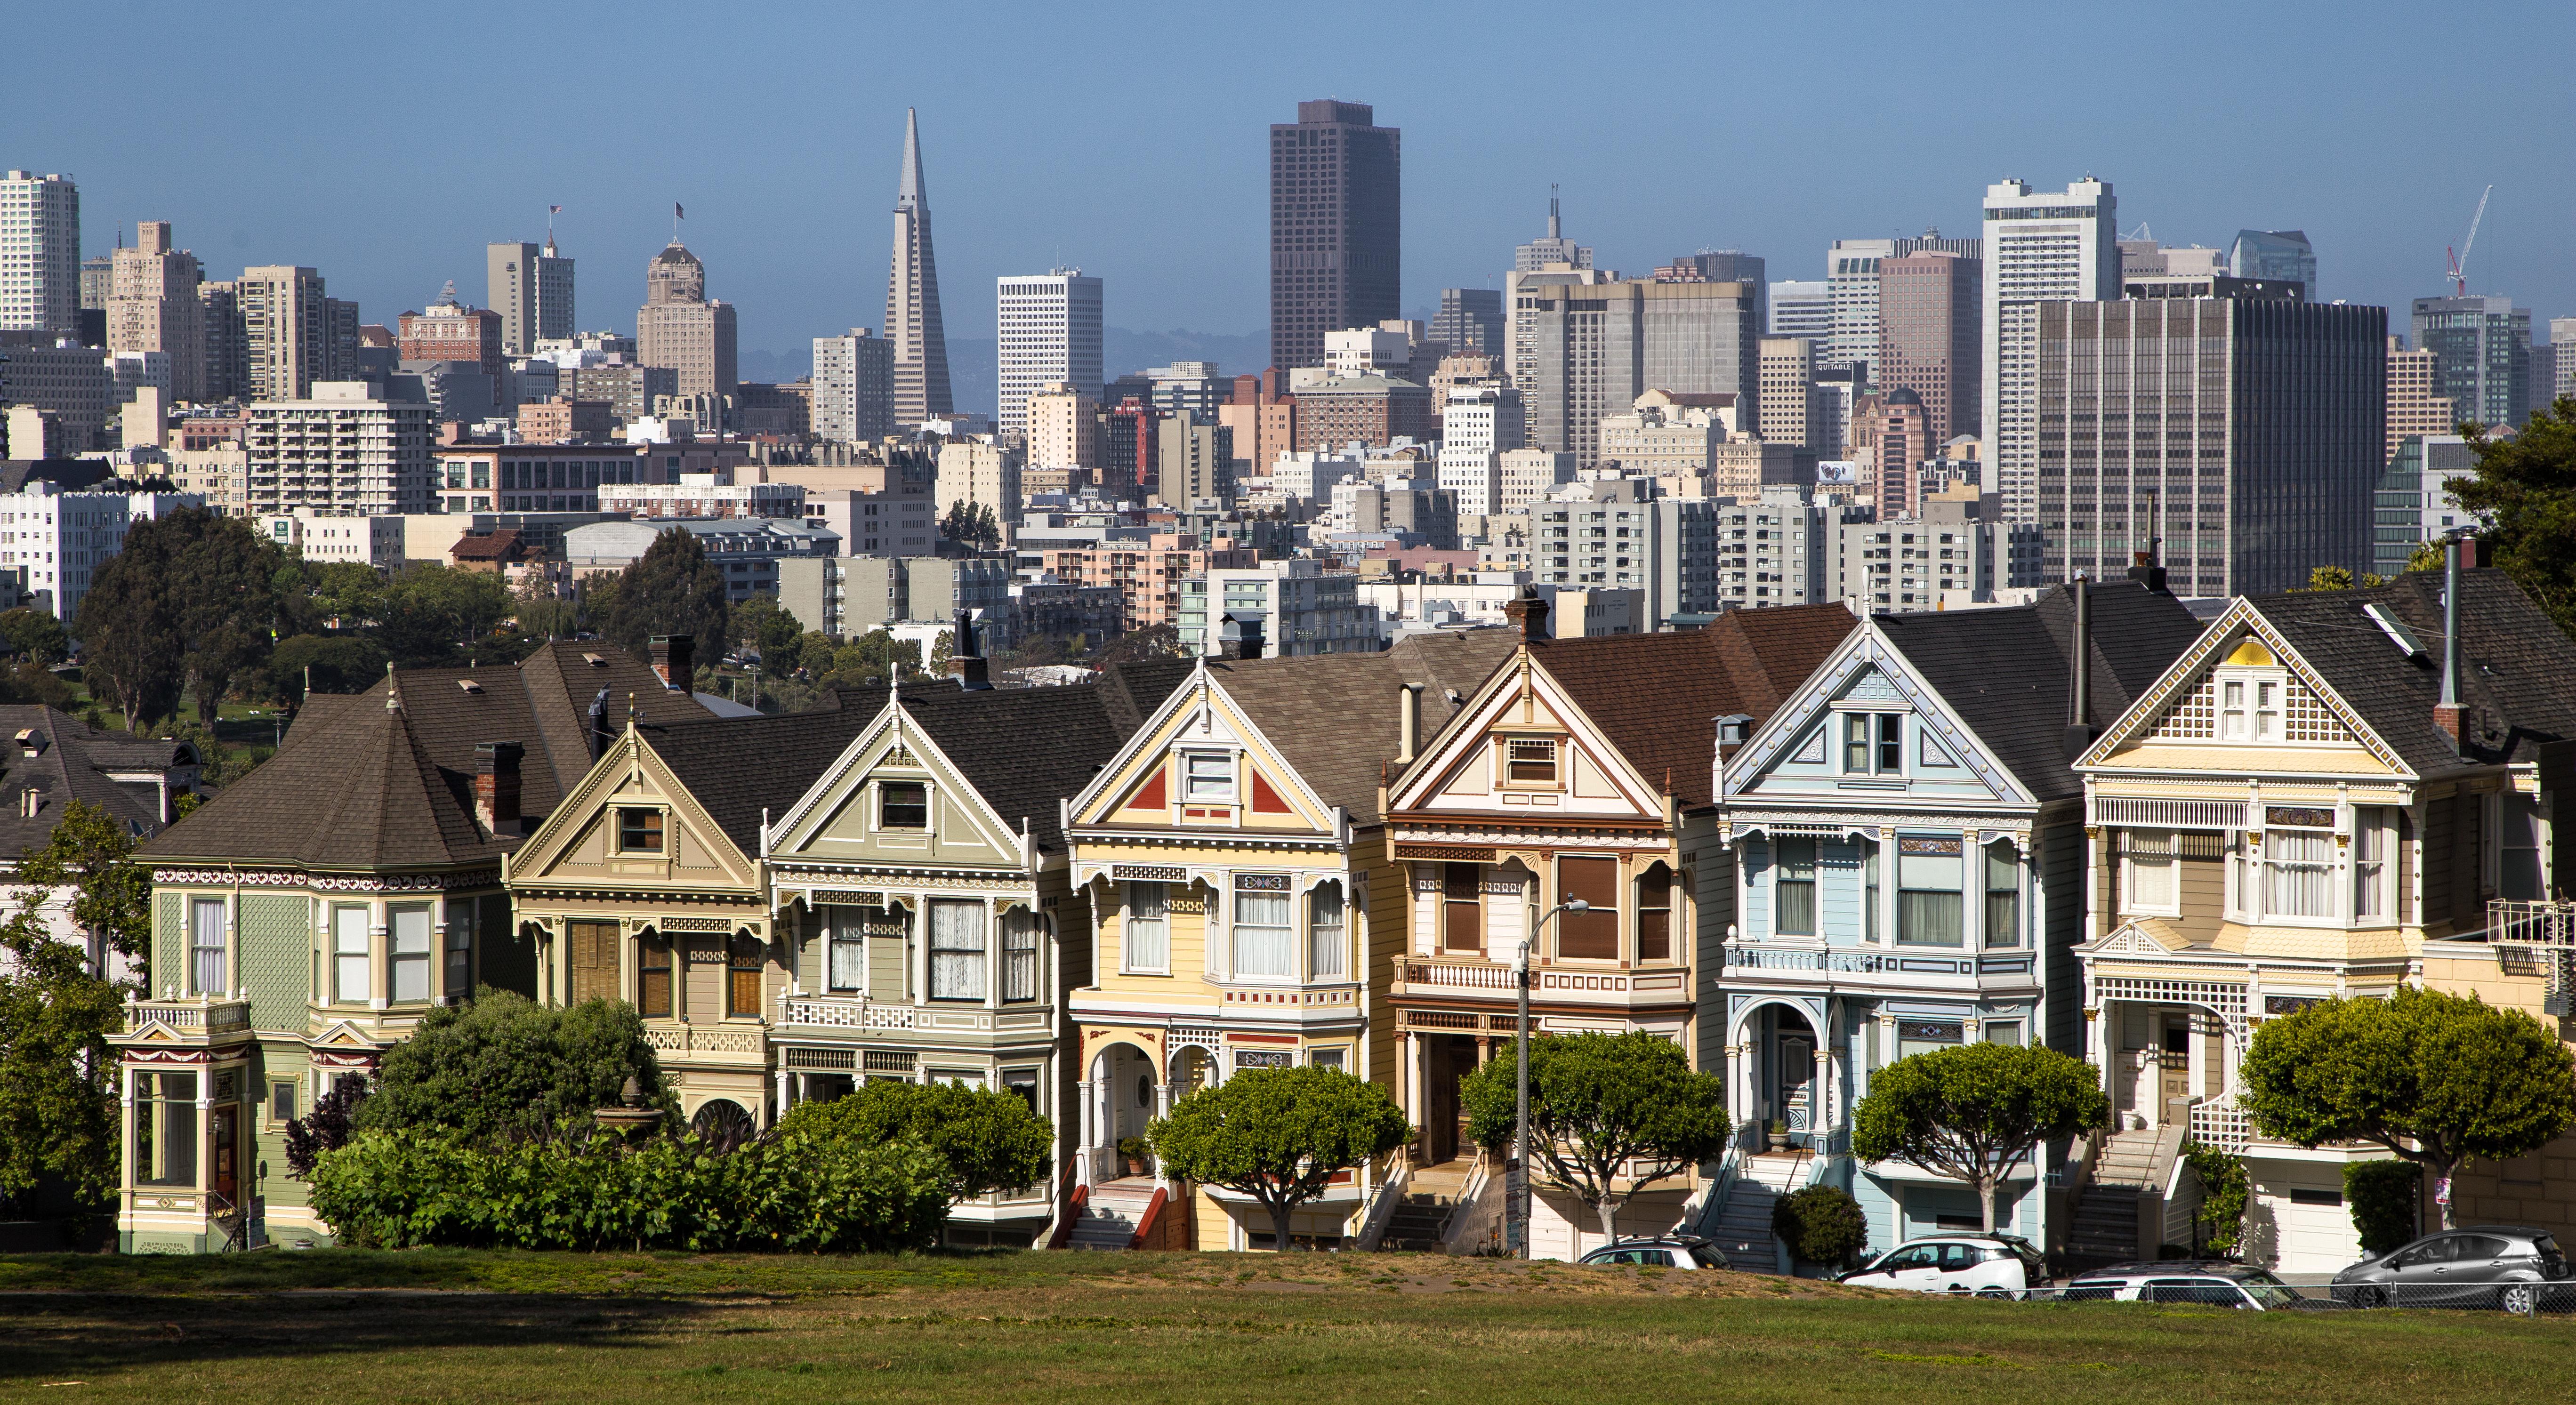 San Francisco_28175656585_o